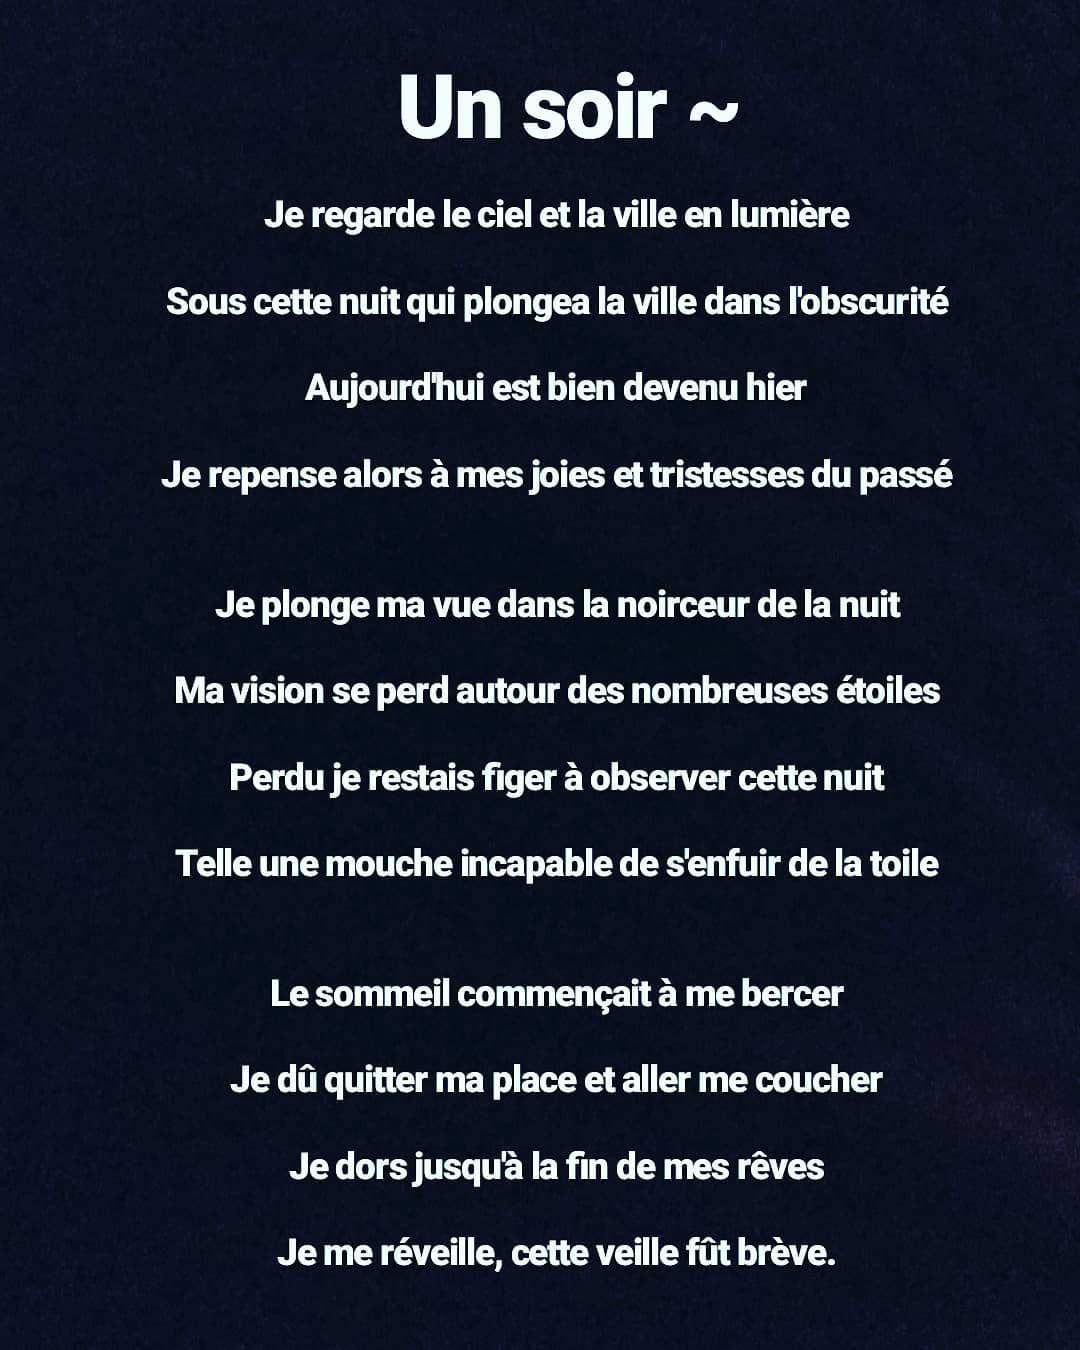 Arlons Du Soir à La Place Du Désespoir Poeme